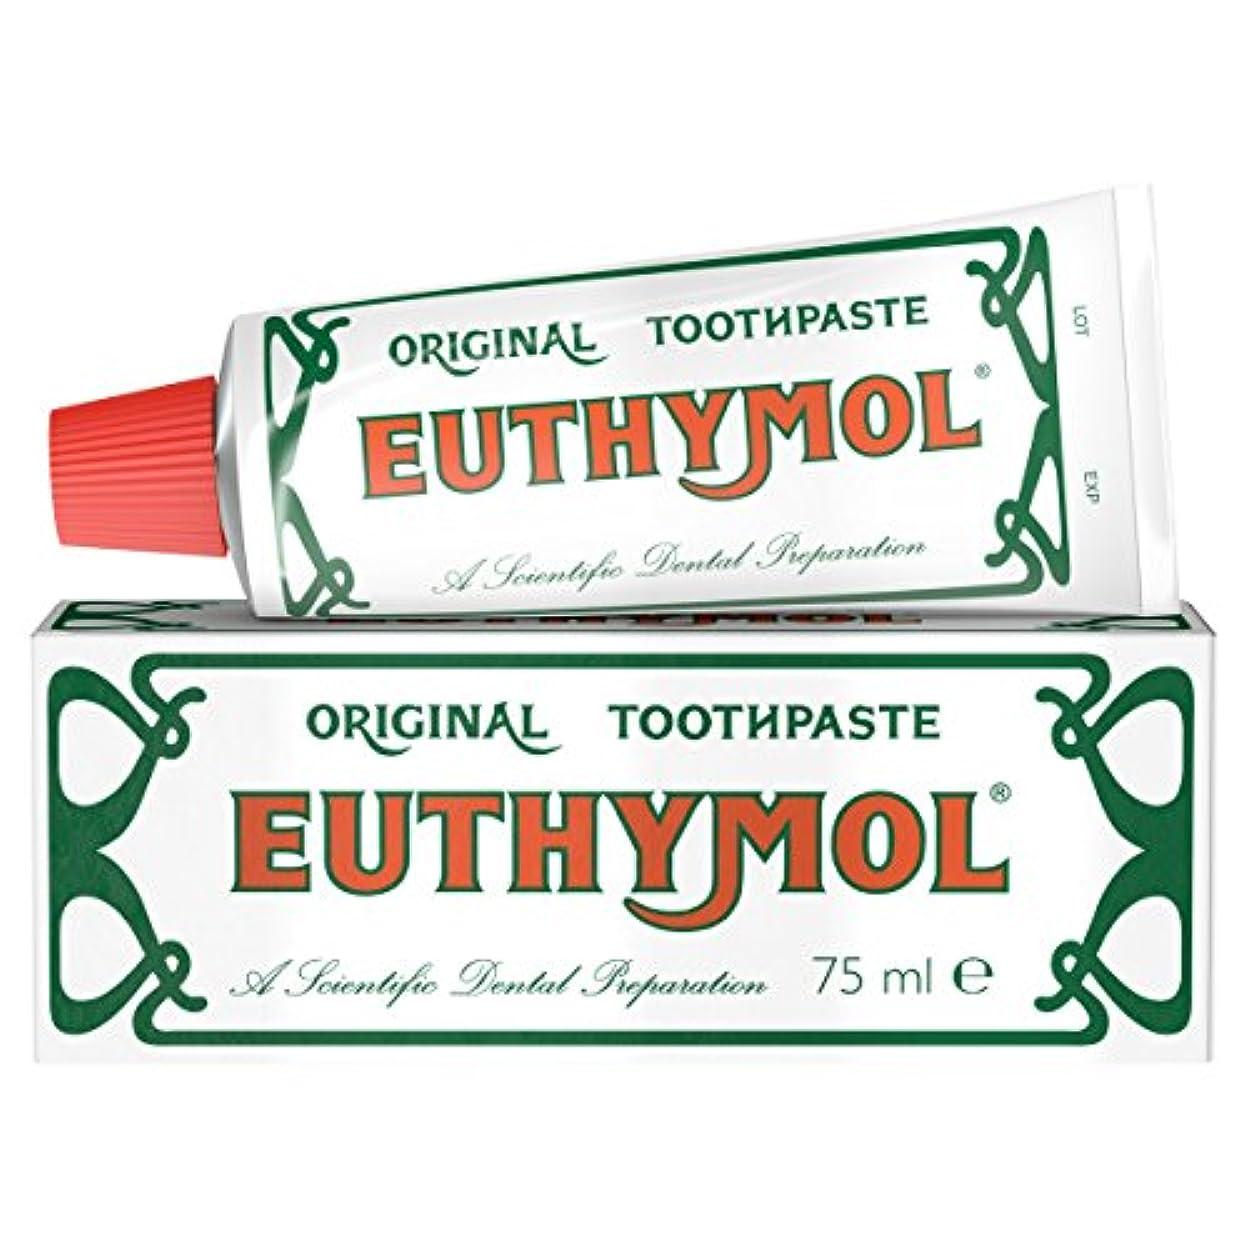 線形エンティティプーノEuthymol オリジナル歯磨き粉 75ml 並行輸入品 Euthymol Original Toothpaste 75 Ml